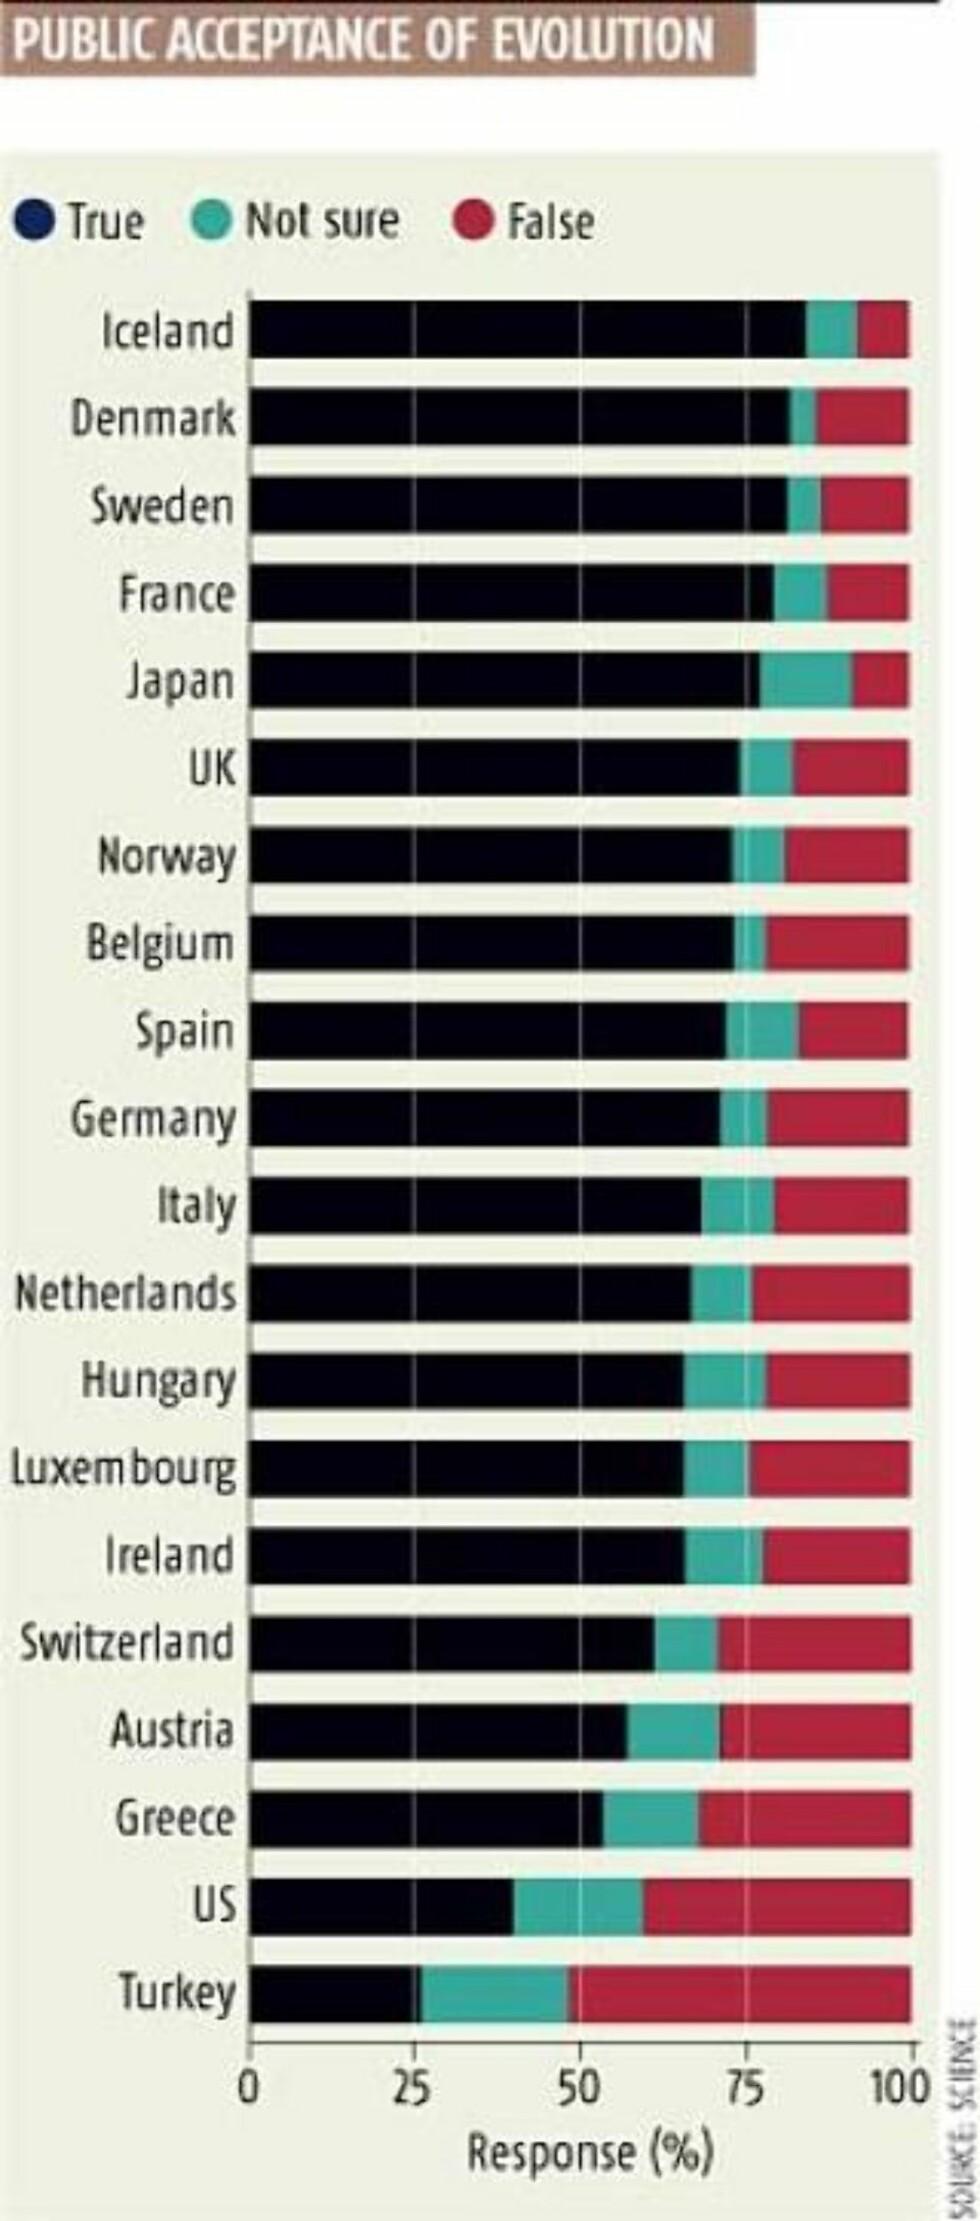 TIDLIGERE UNDERSØKELSE: Denne undersøkelsen fra 2006 viste faktisk at flere briter enn nordmenn tror på evolusjonen. Islendingene kan glede seg over at de fikk en ny regjering i dag og at de topper denne statistikken. Kilde: NEW SCIENTIST